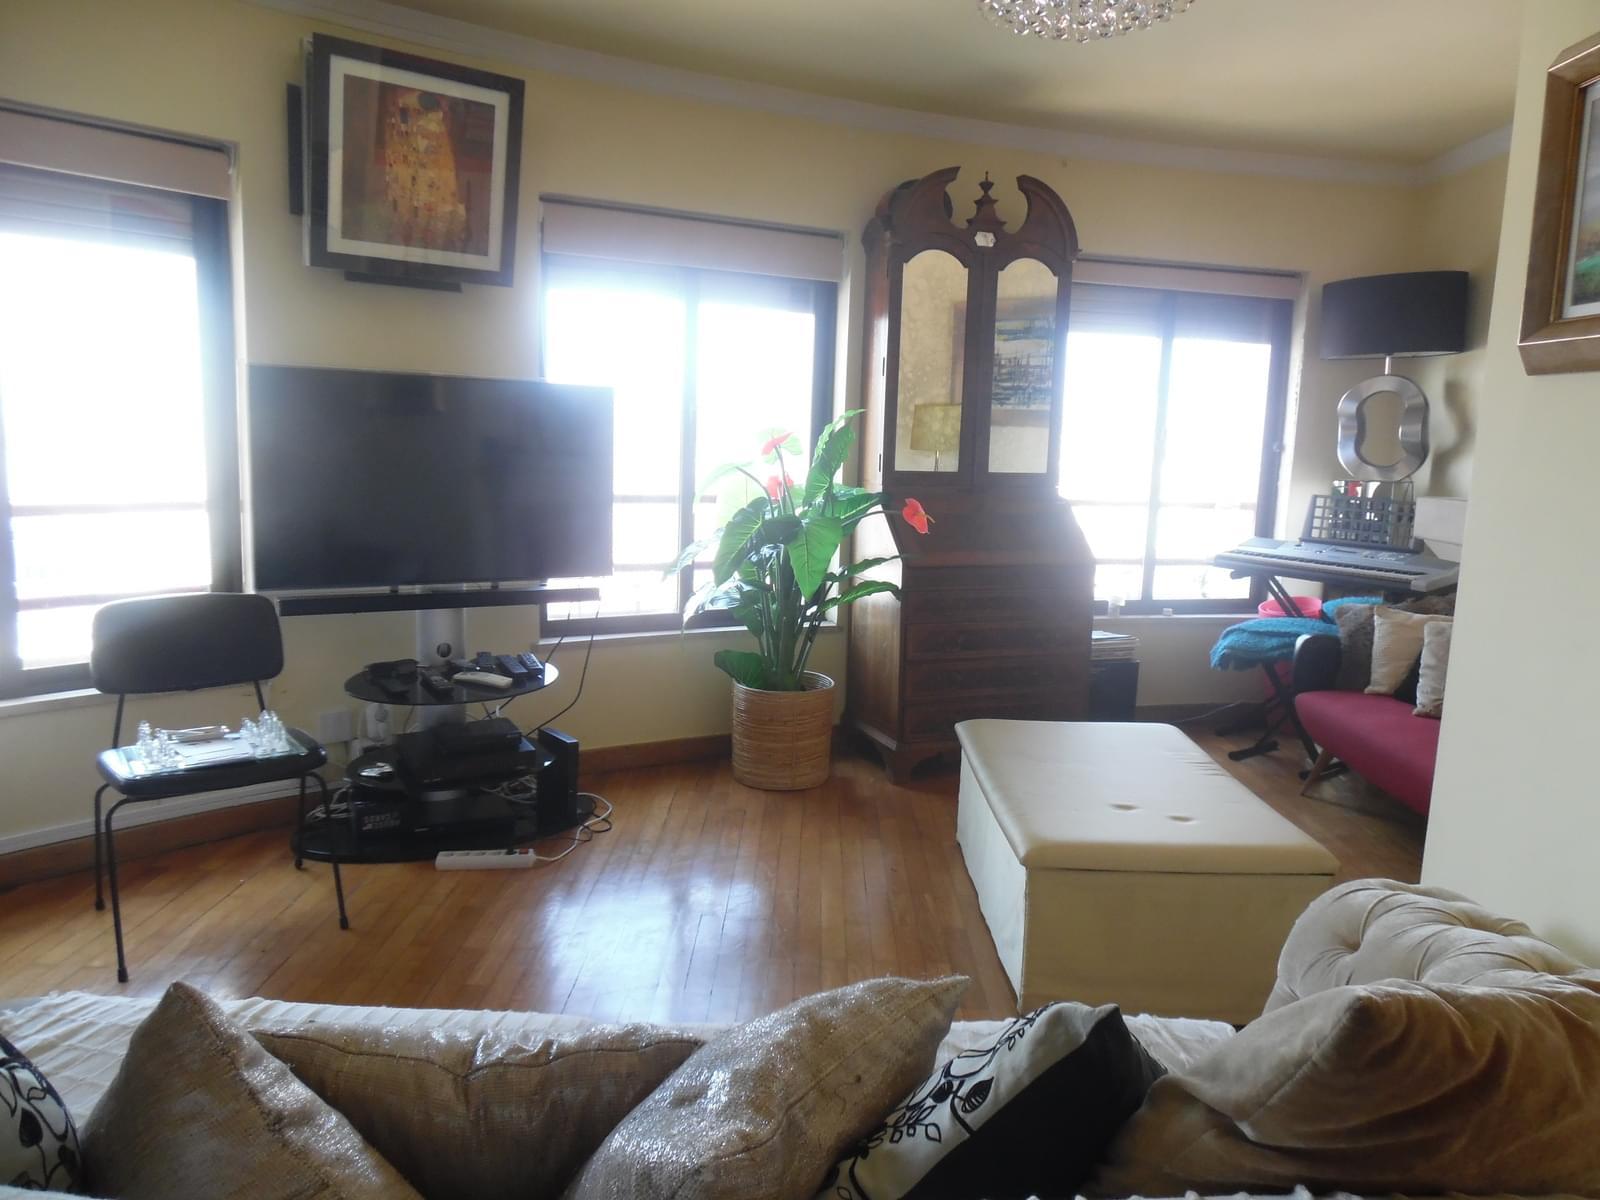 pf17977-apartamento-t2-lisboa-69f6b9bb-68b0-42de-bba1-7287fd9a4dbd